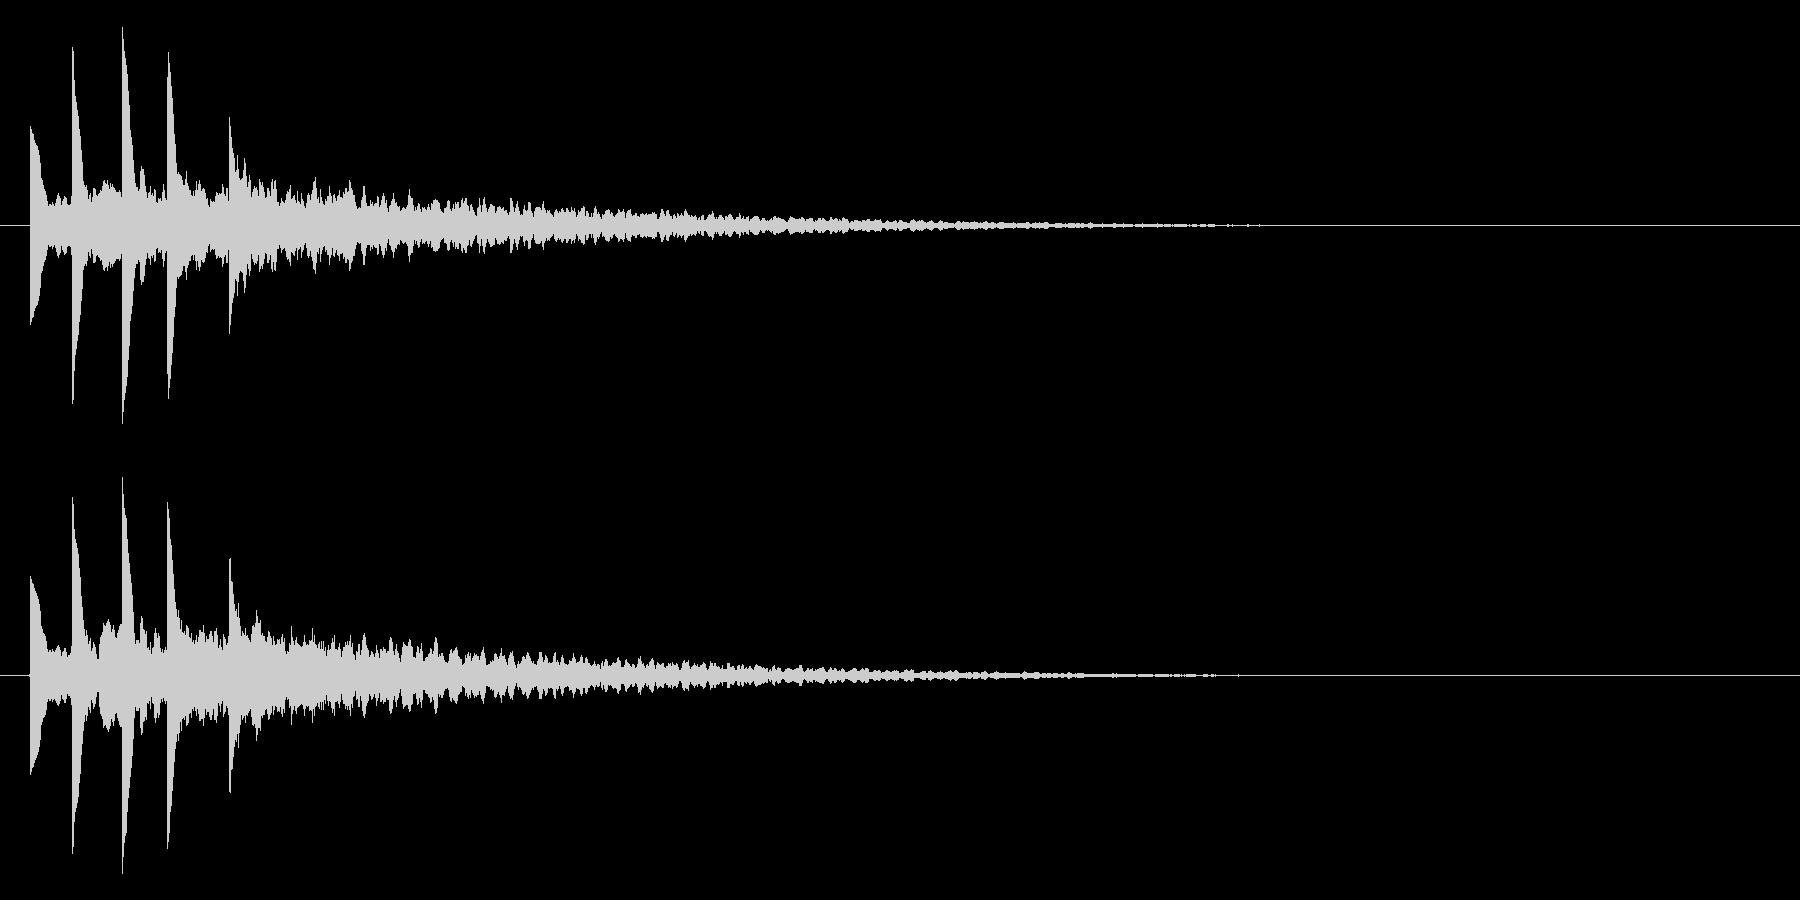 パソコンの起動音風ジングル3の未再生の波形